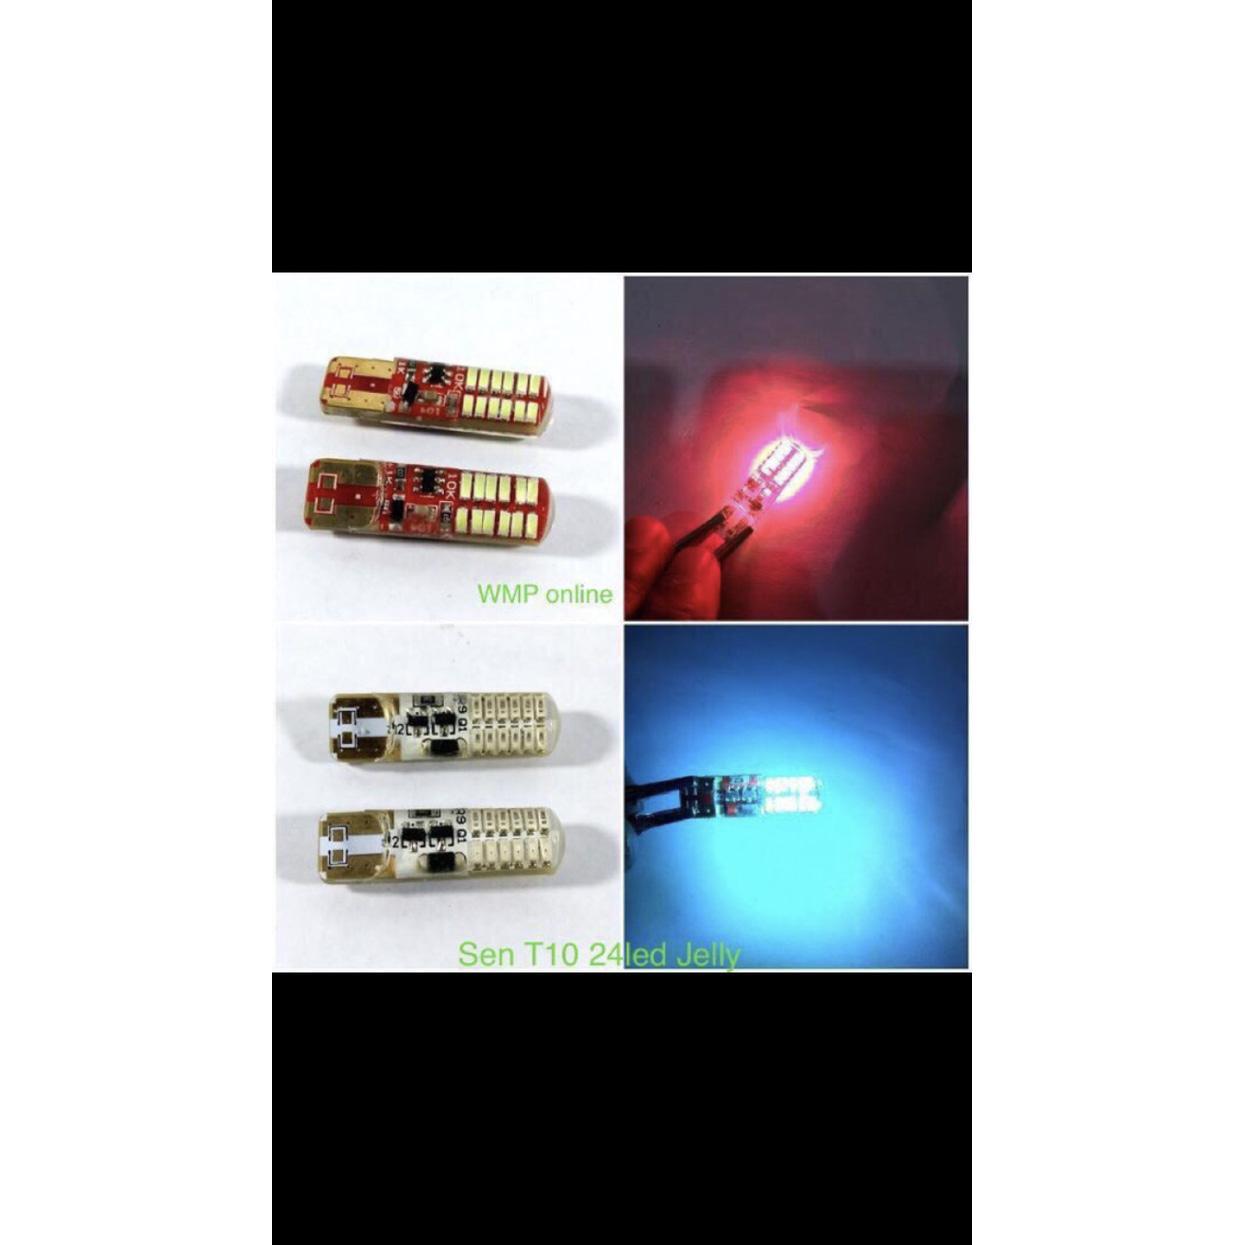 Jm Lampu Led Sen Gepeng 6 Titik Warna Biru Hitam Daftar Harga Sein T10 24led Jelly Biasa 1pc Home Page 4